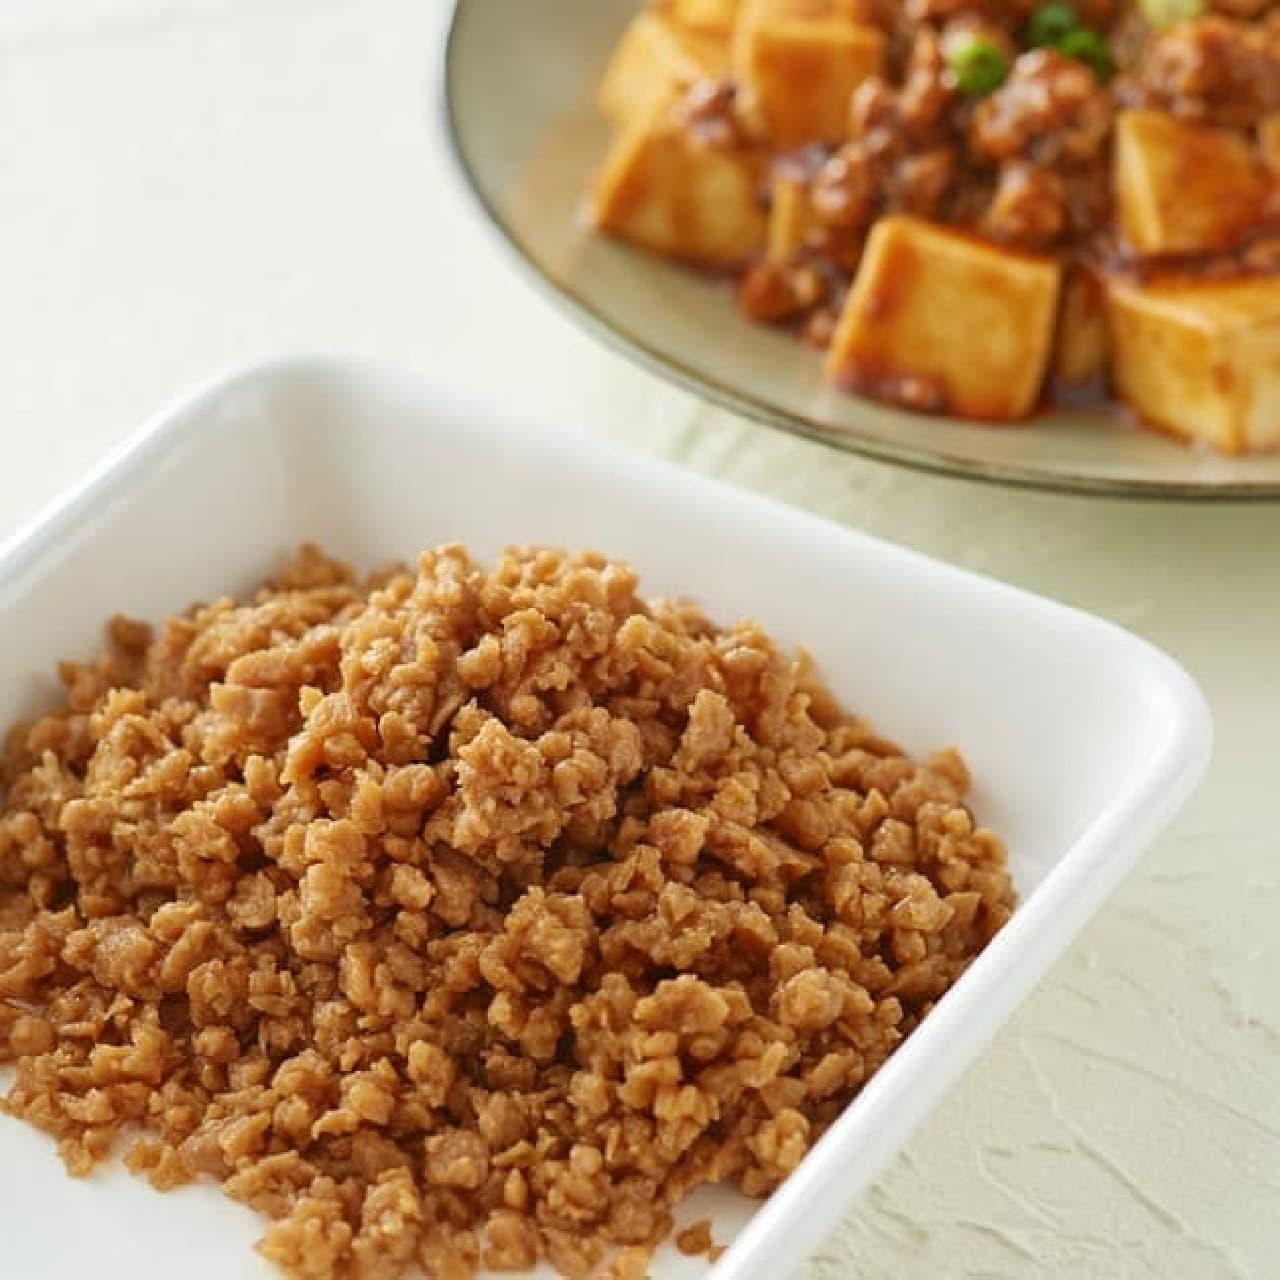 無印良品「大豆ミート ひき肉タイプ」